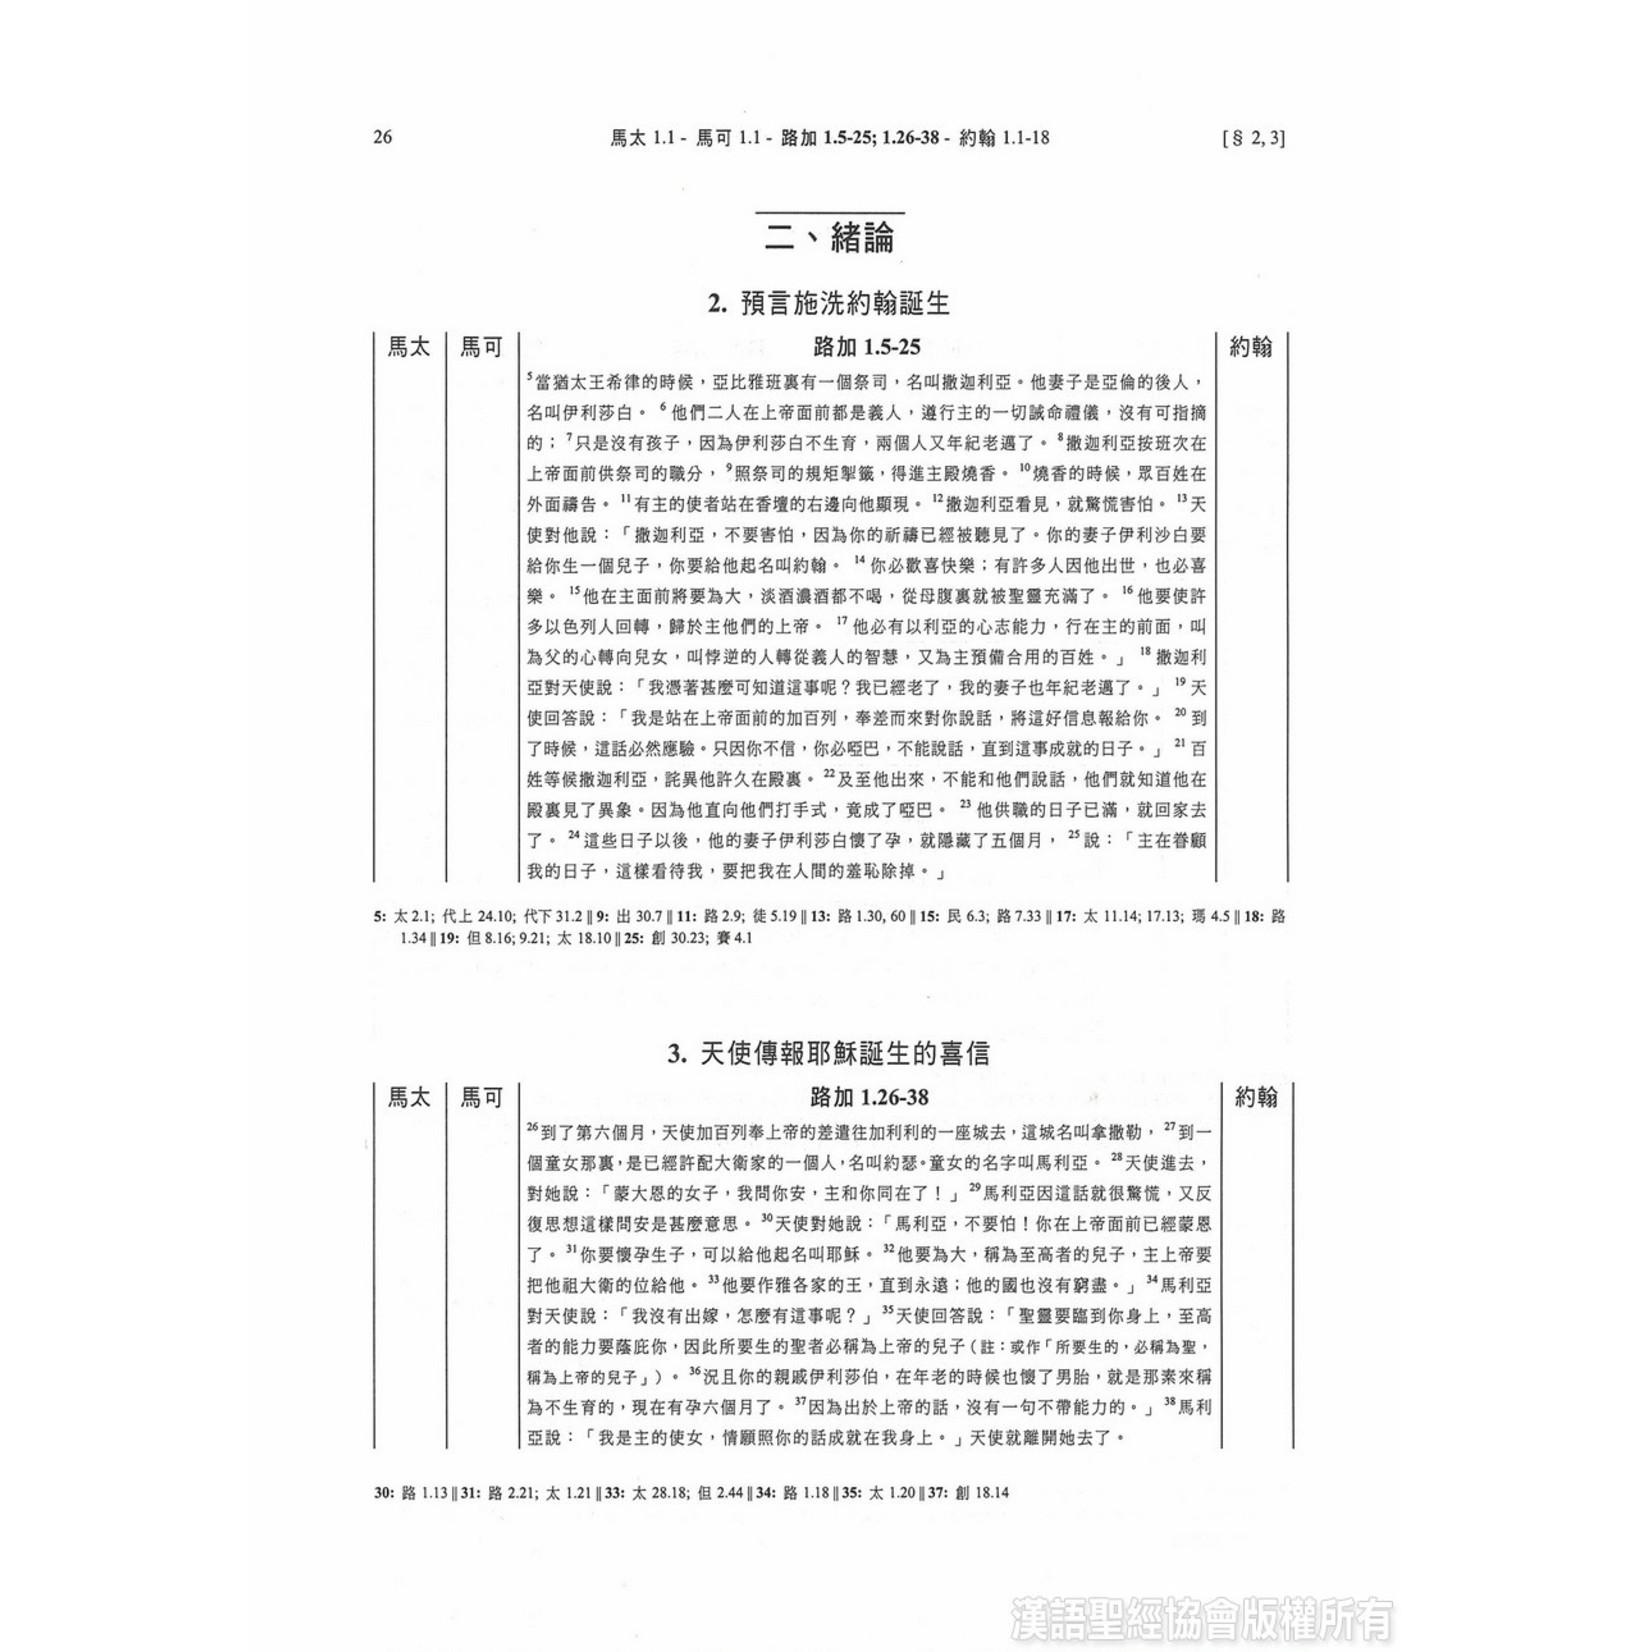 漢語聖經協會 Chinese Bible International 四福音與經外平行經文合參(四版)